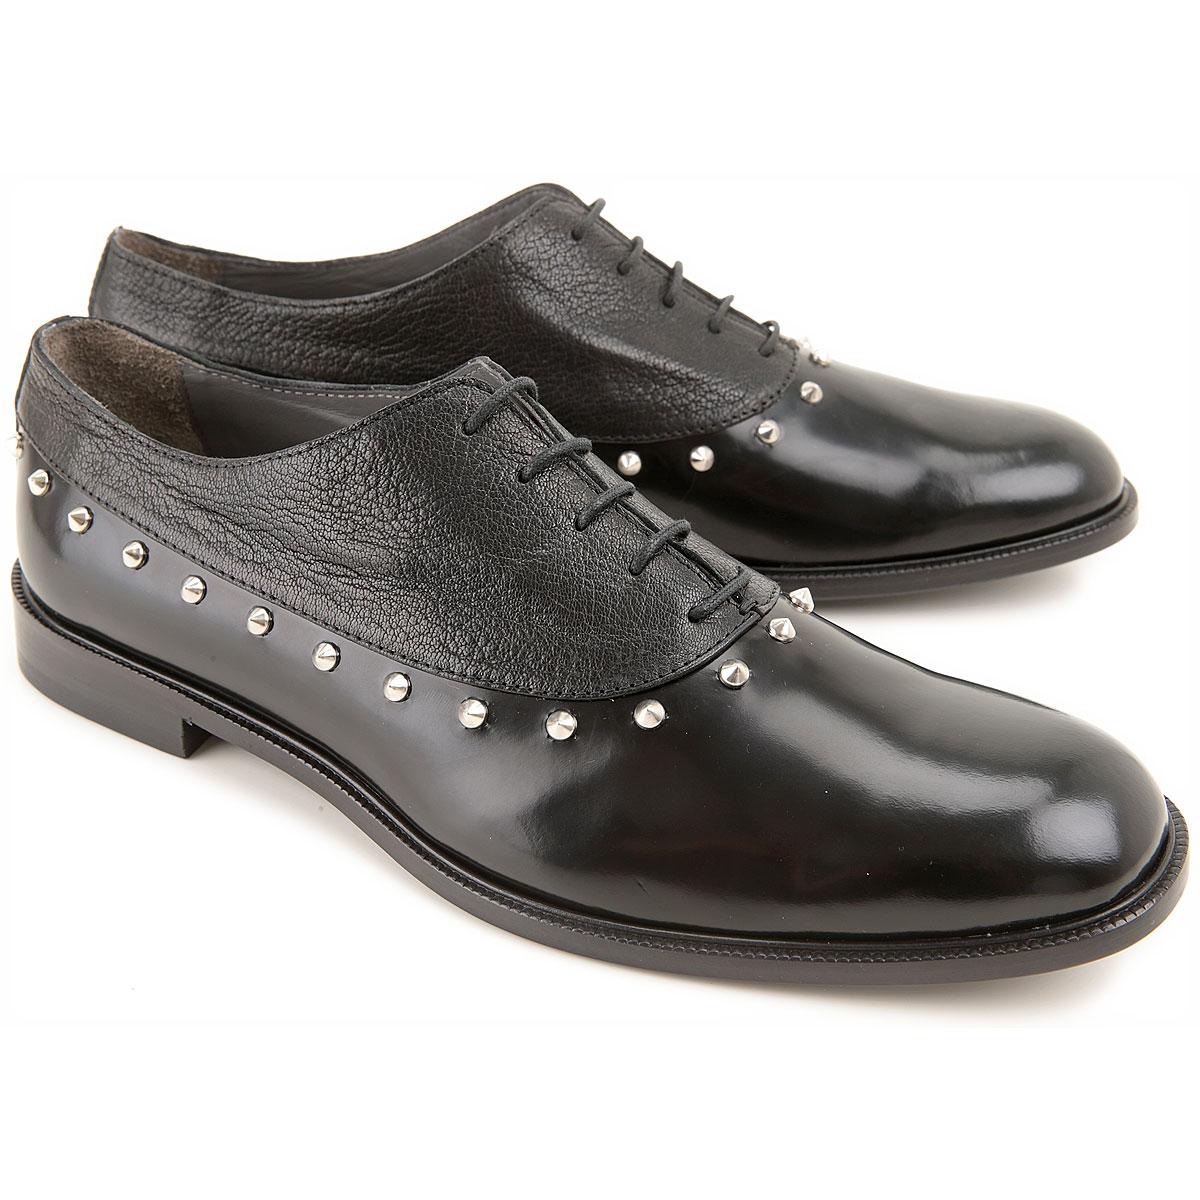 31634c667 Giacomorelli Ботинки на шнурках для мужчин, оксфорды, дерби и спортивная  обувь В продаже со